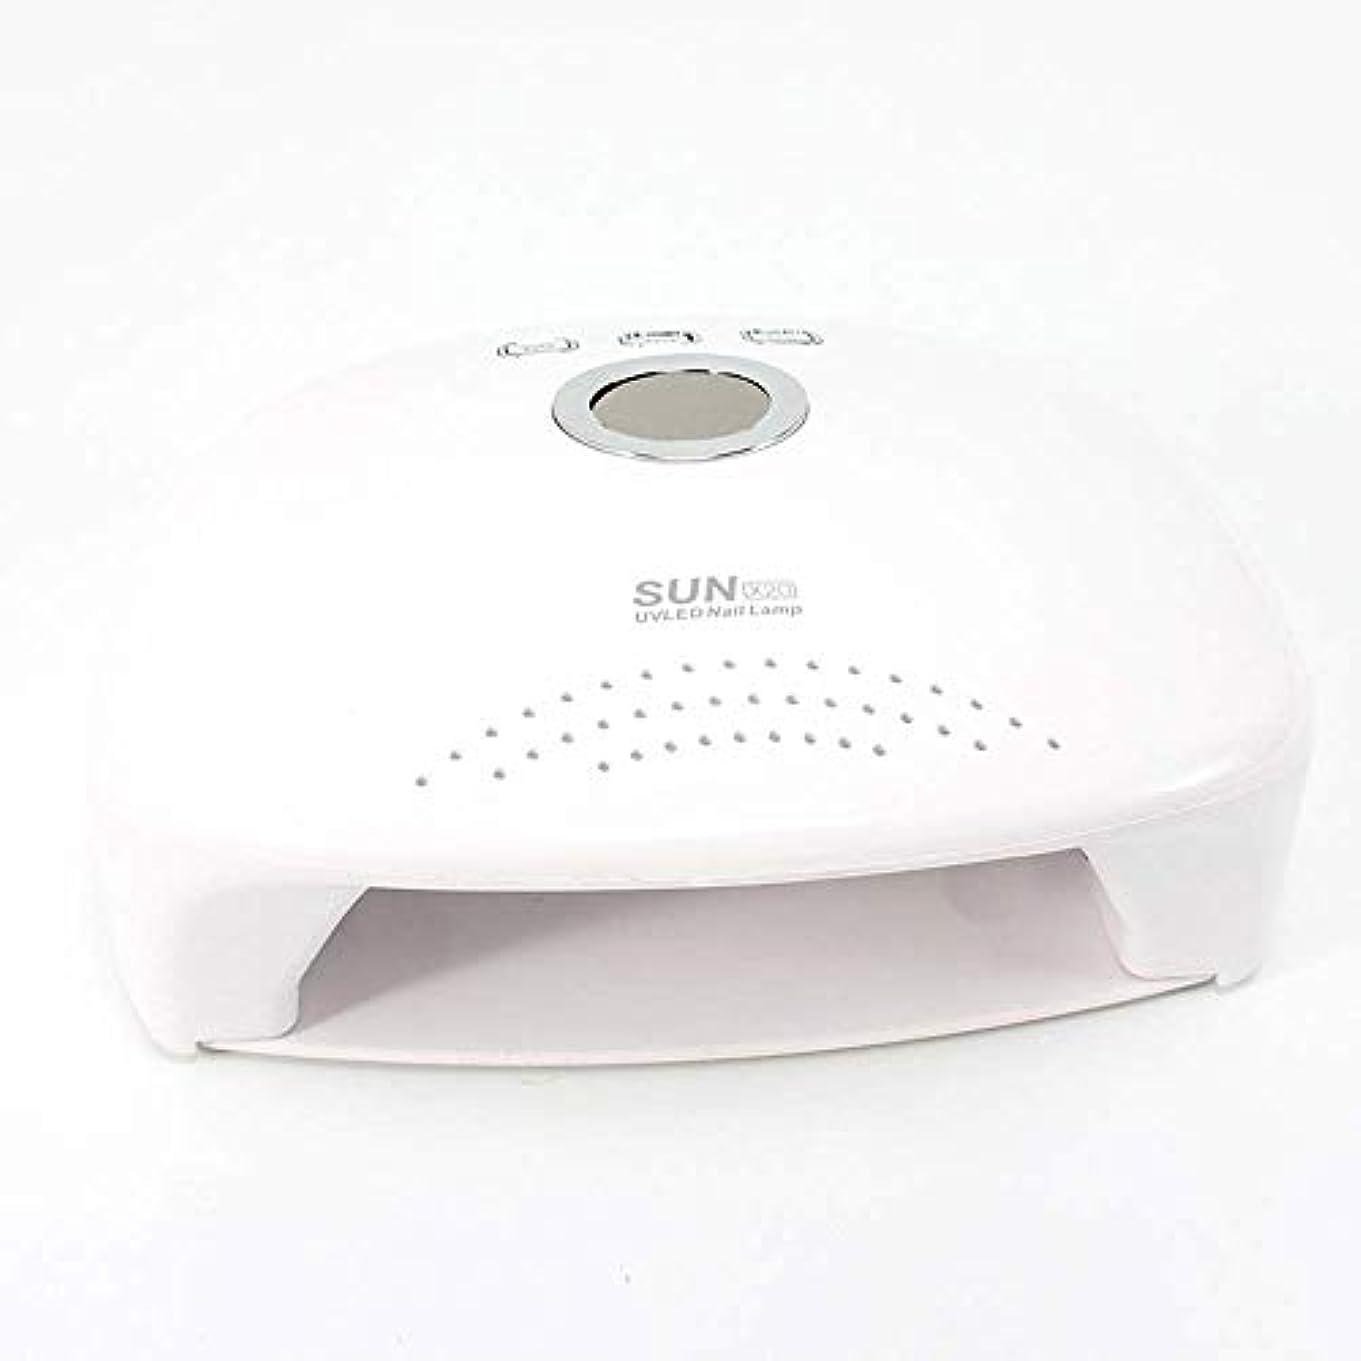 に盆地控える48ワットUV LEDネイルドライヤー、コードレス充電式スマート赤外線誘導大空間速乾性のある24デュアル光源ビーズ付きネイルランプ、ピンク (Color : White)